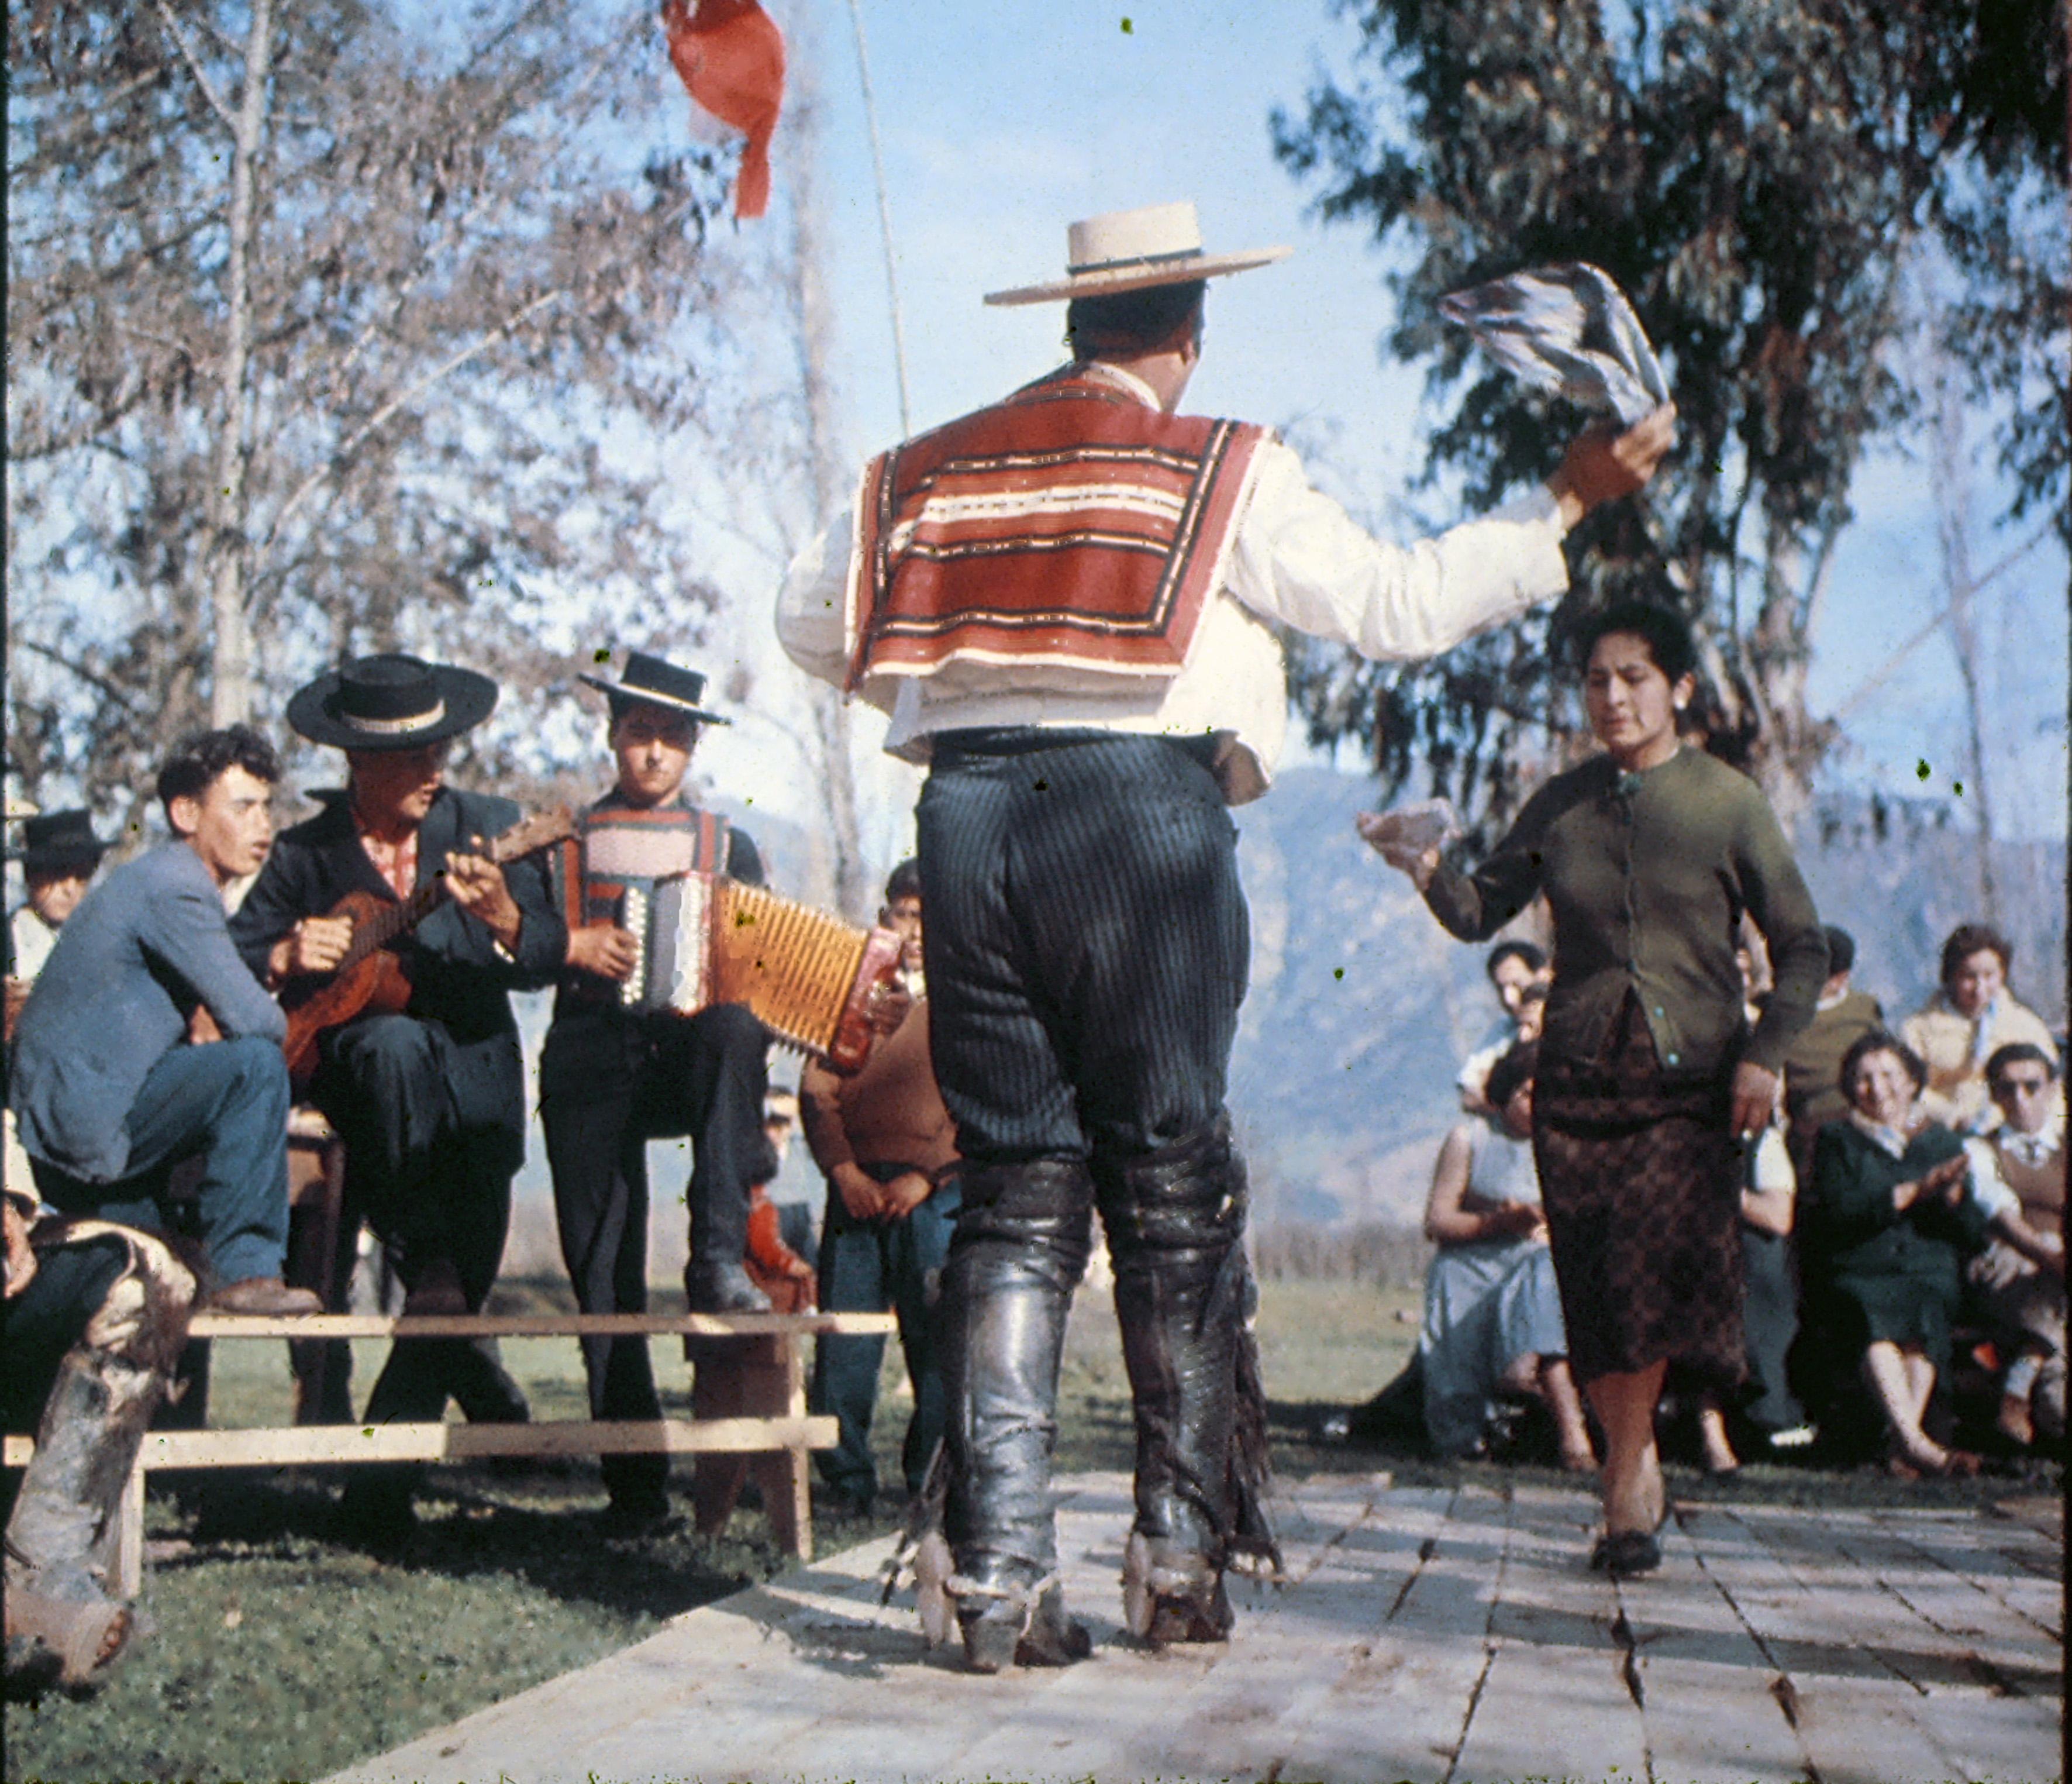 Enterreno - Fotos históricas de chile - fotos antiguas de Chile - Pie de cueca, 1960s